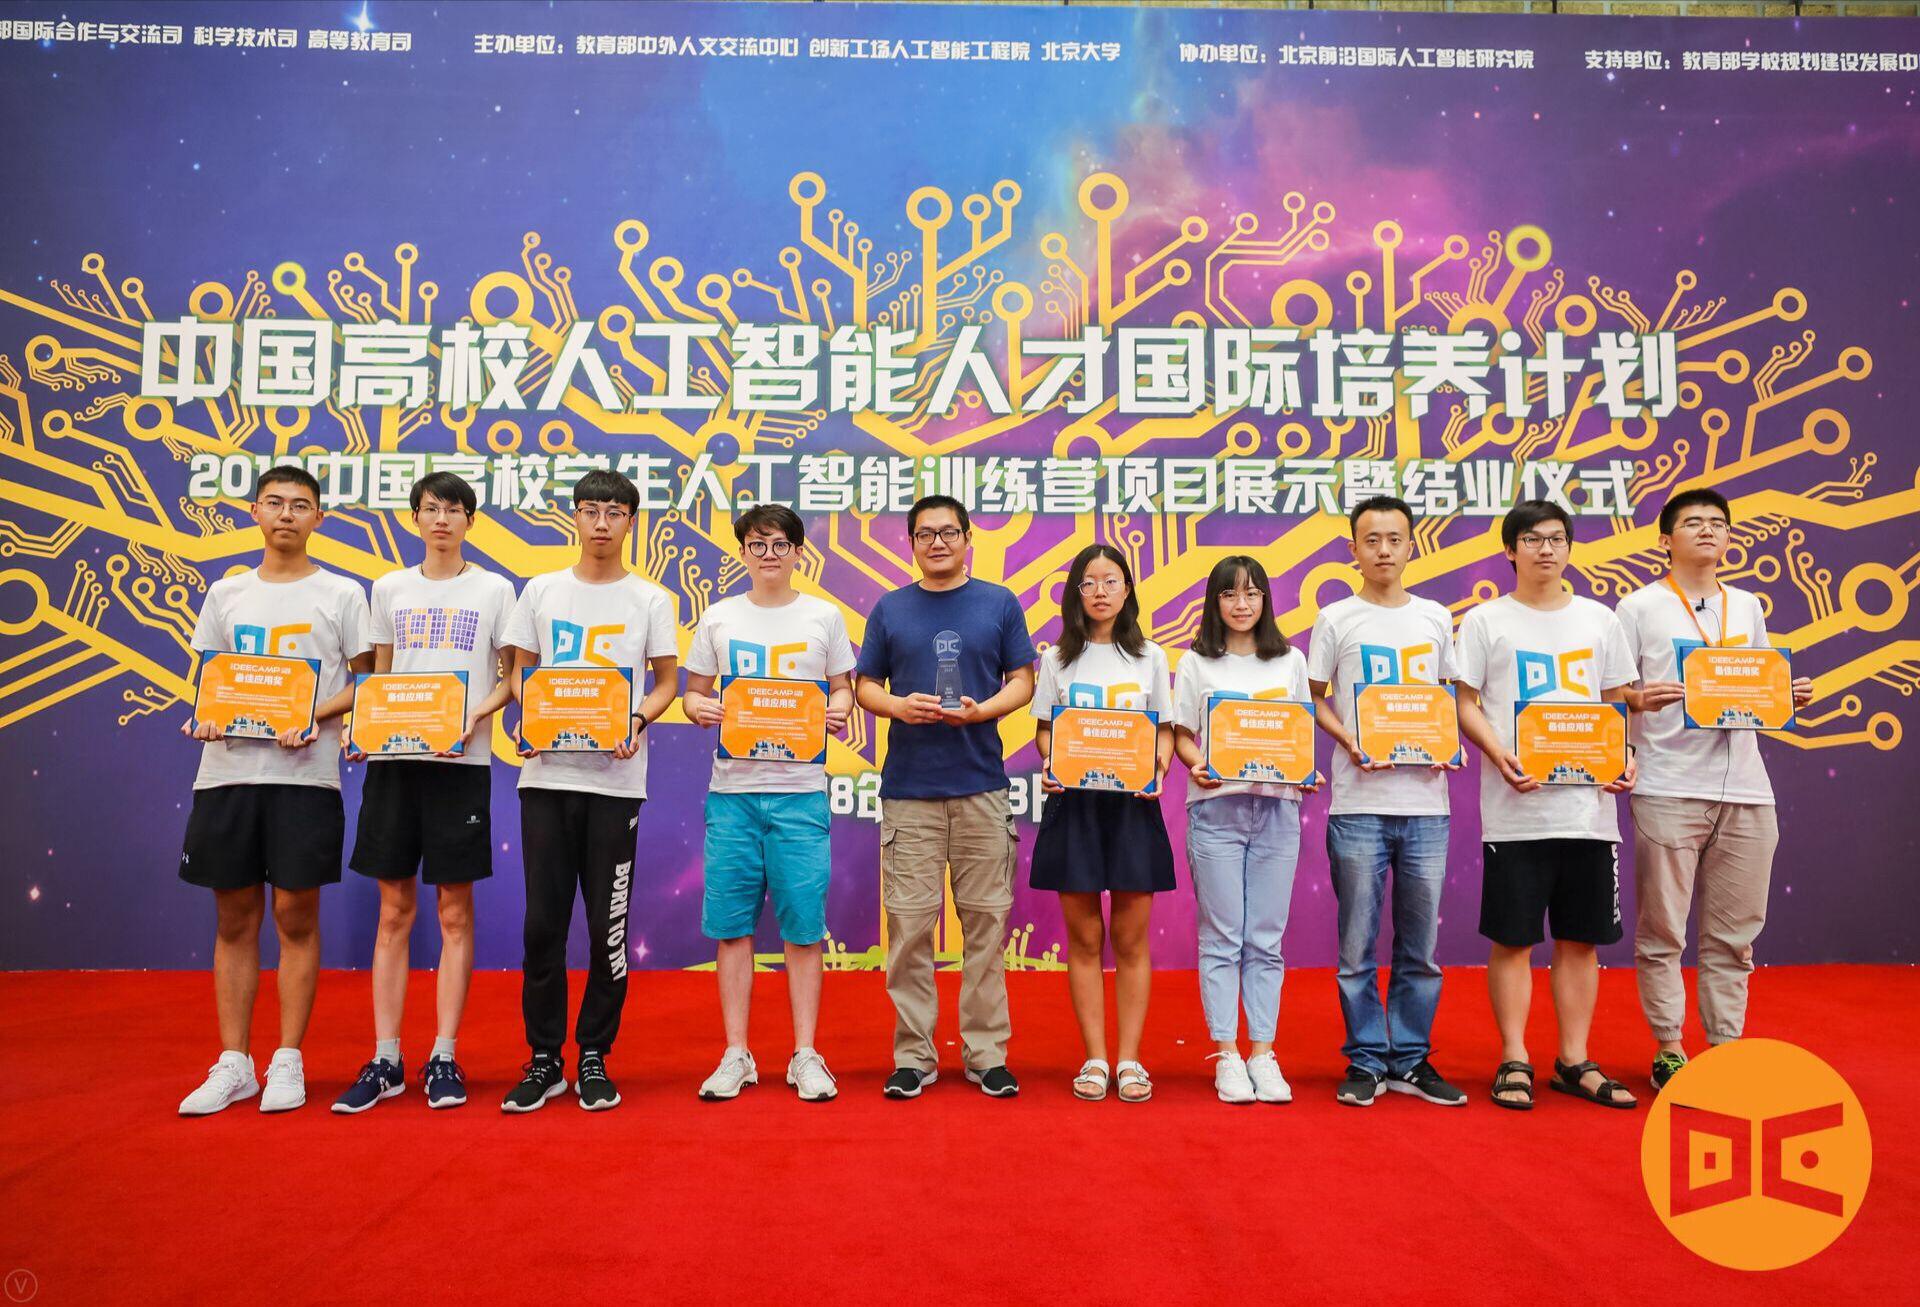 陈宇婷同学(右四)及其队员获颁「DeeCamp 2018最佳应用奖」